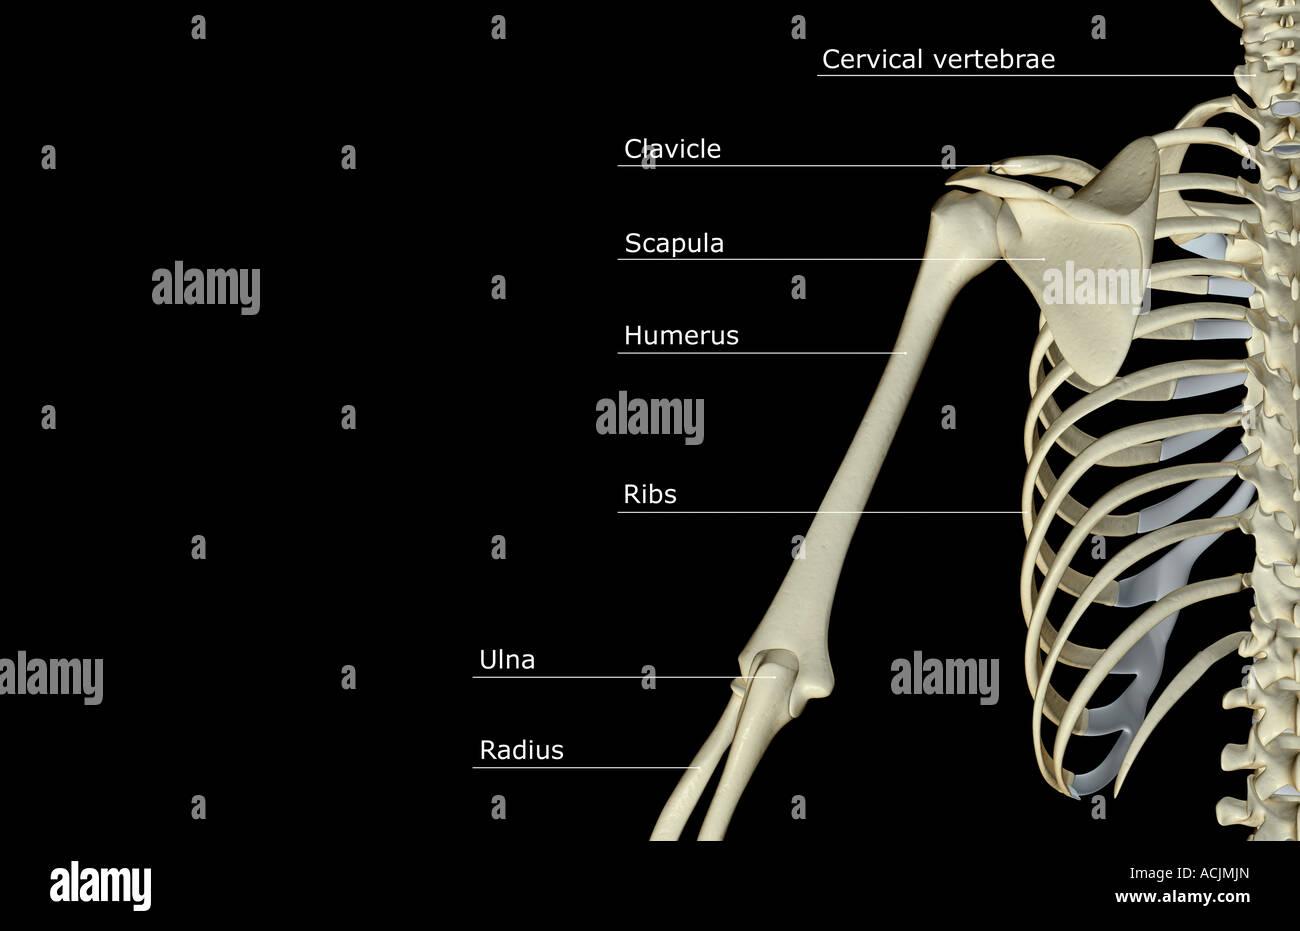 Ungewöhnlich Humerous Knochen Galerie - Menschliche Anatomie Bilder ...